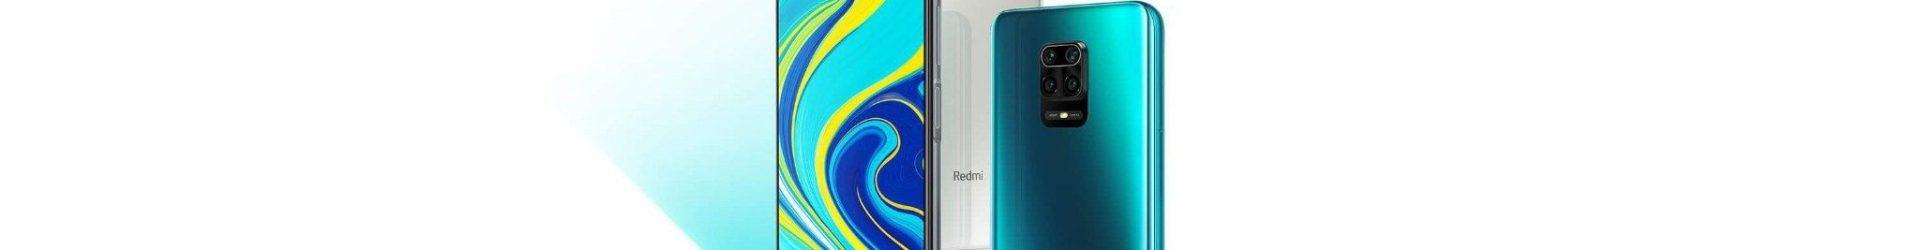 Redmi Note 9S ufficiale: la versione globale del Redmi Note 9 Pro e nuovo re della fascia media – (Link per l'acquisto)